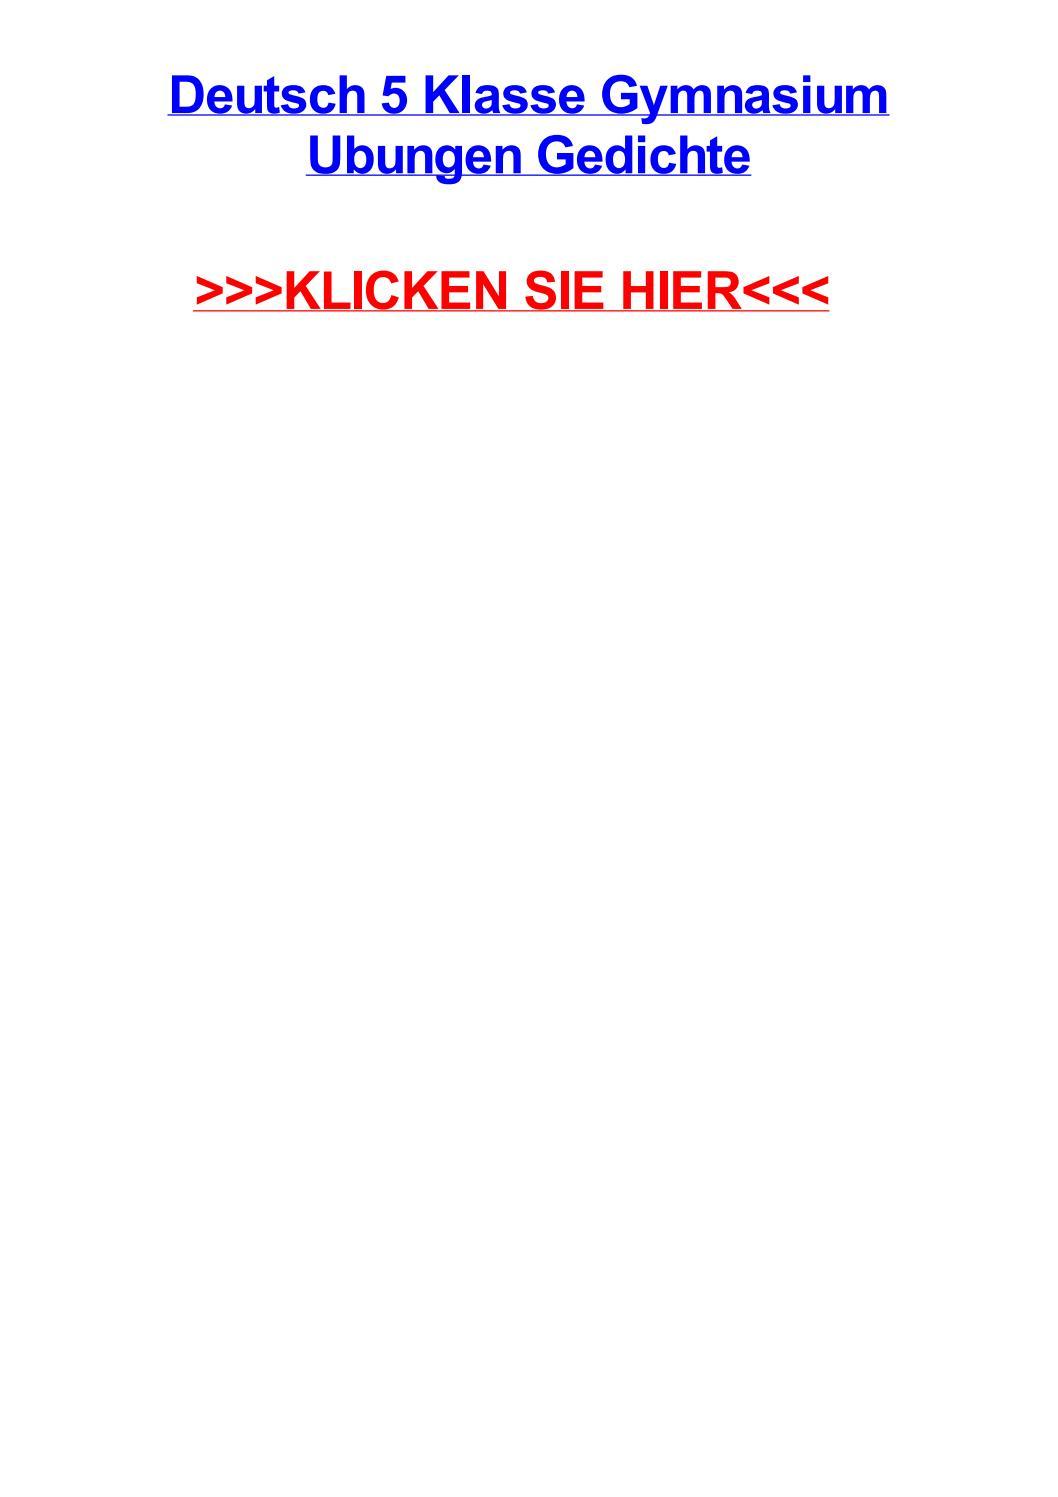 Deutsch 5 Klasse Gymnasium Ubungen Gedichte By Joeuyse Issuu